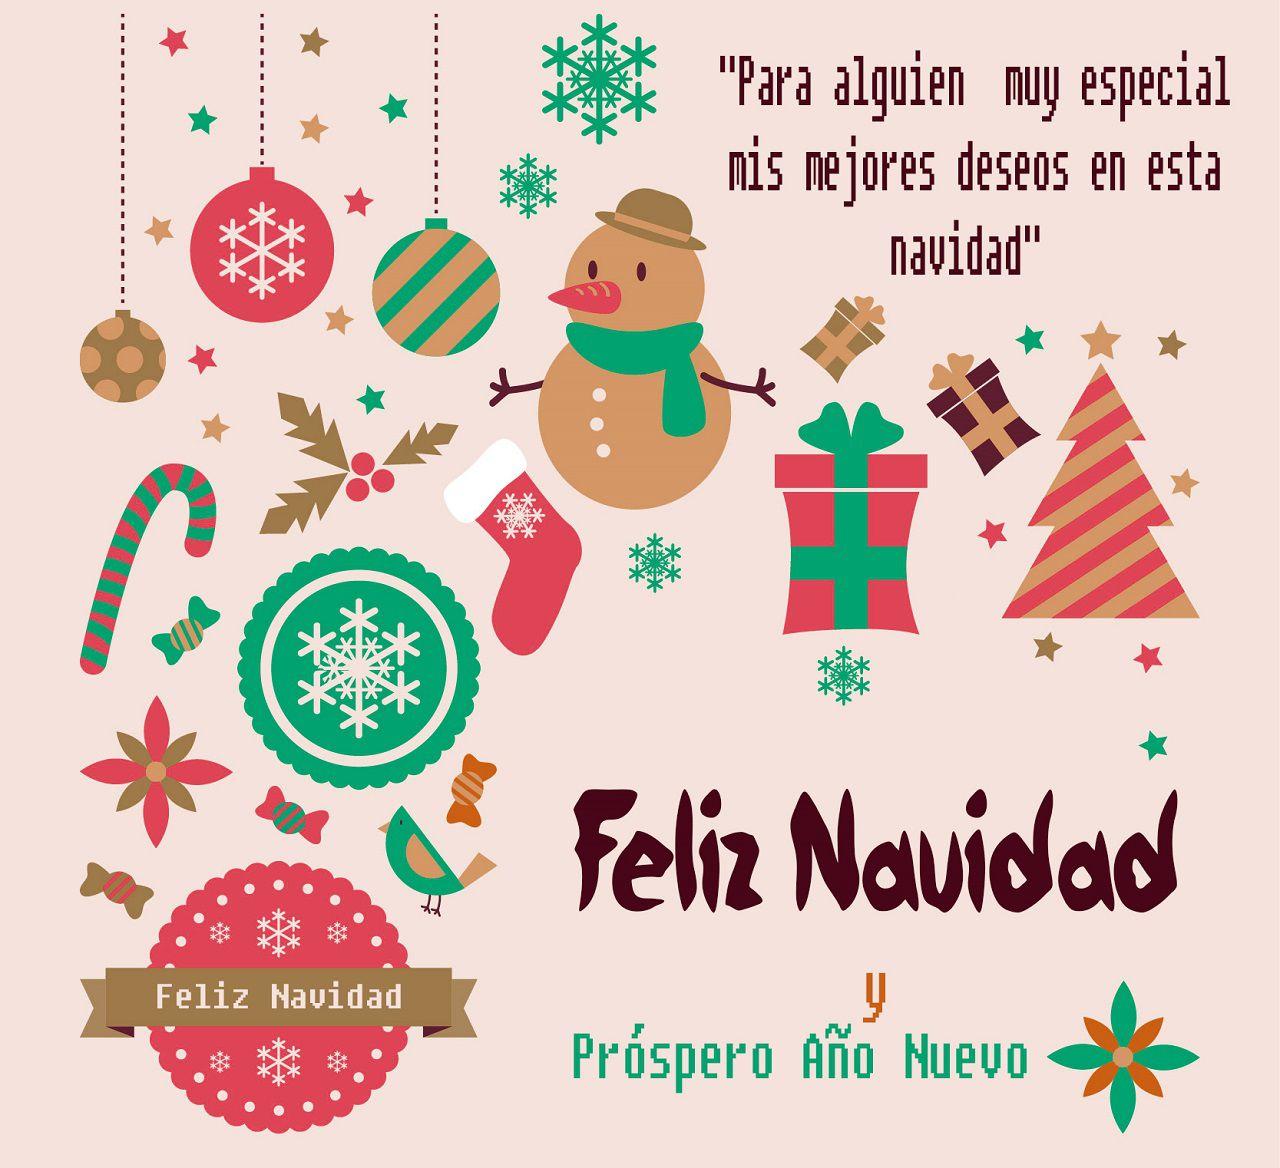 Frases De Navidad Y Año Nuevo 2017 Para Enviar Con El Celular